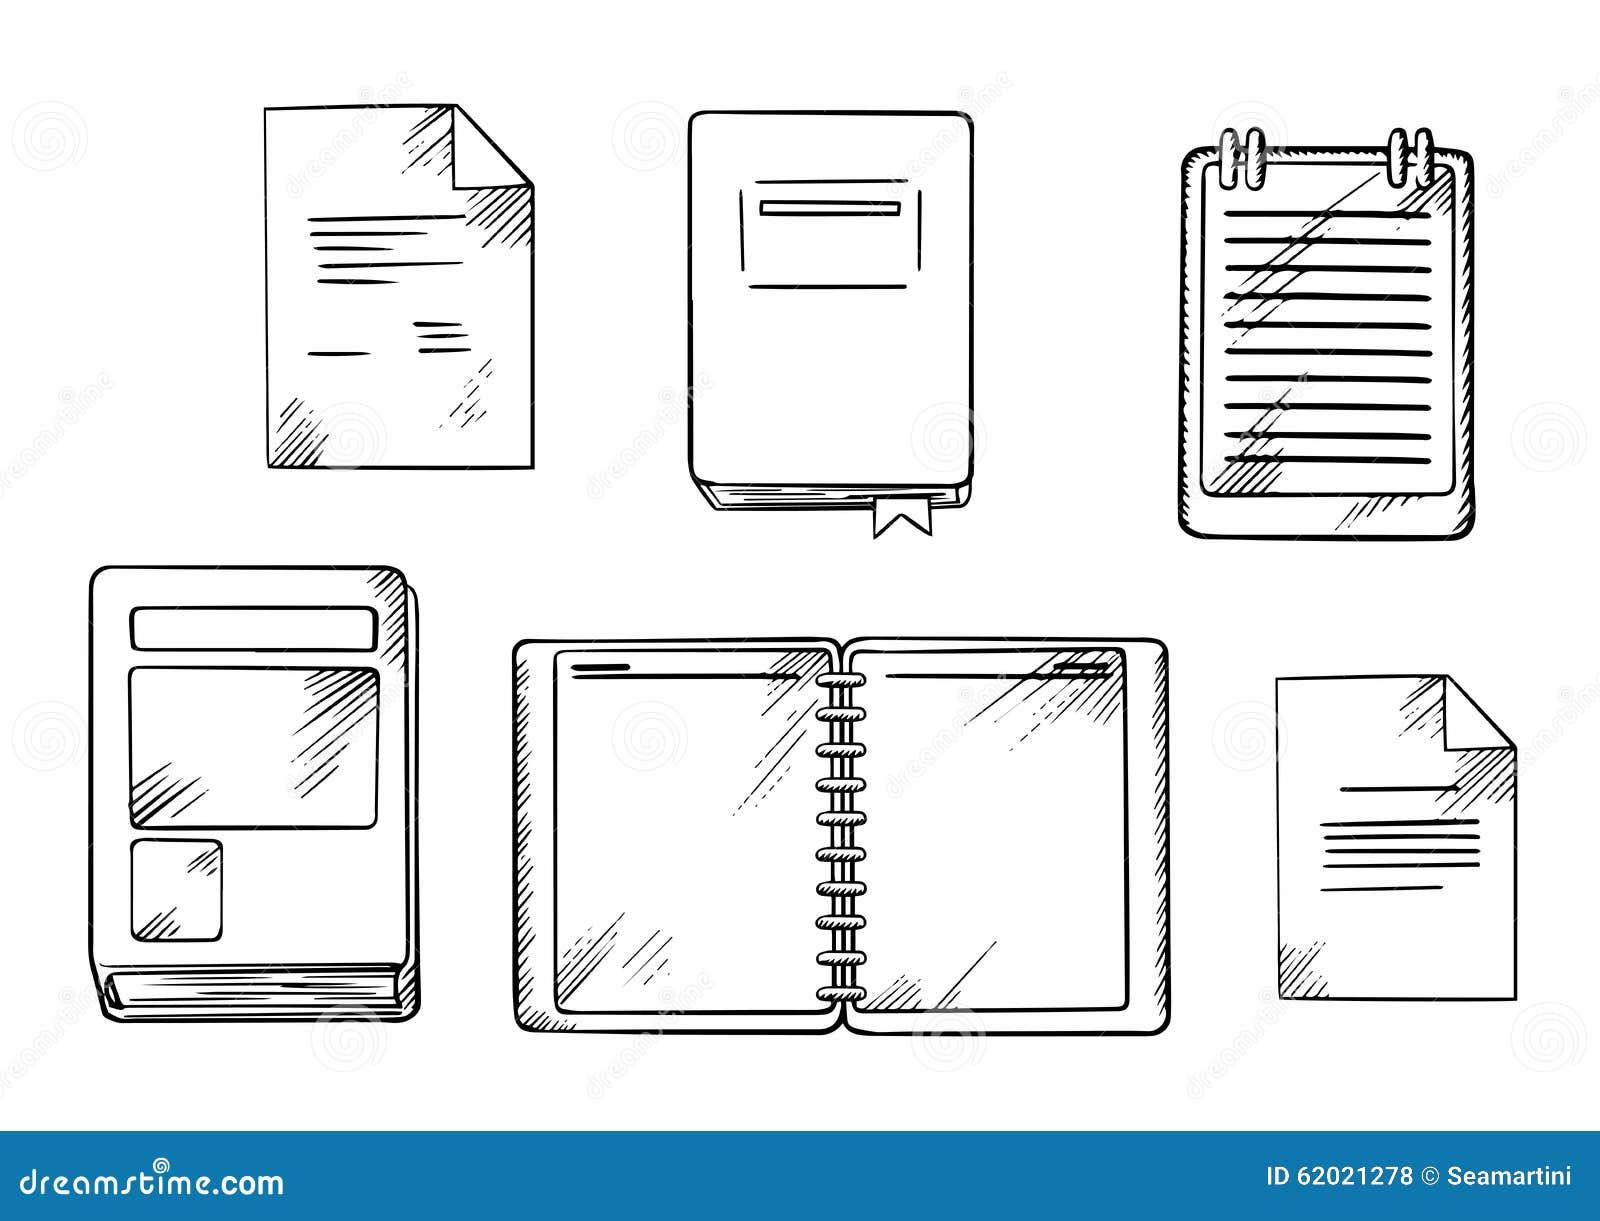 Σκίτσα βιβλίων, σημειωματάριων, σημειωματάριων και ημερολογίων